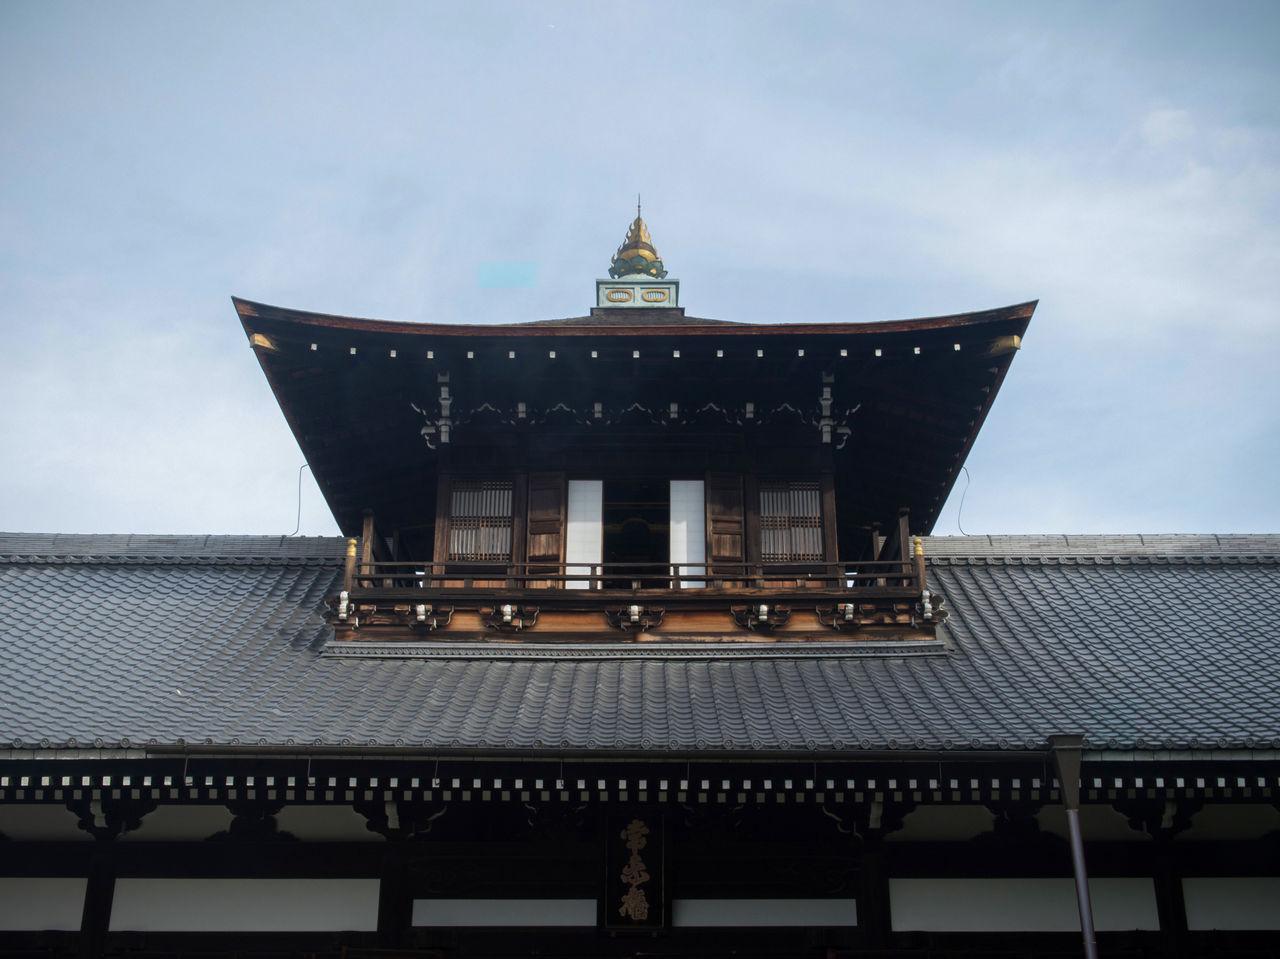 Посвящённый первому настоятелю храм Кайсандо; двухэтажная структура необычна для построек этого типа